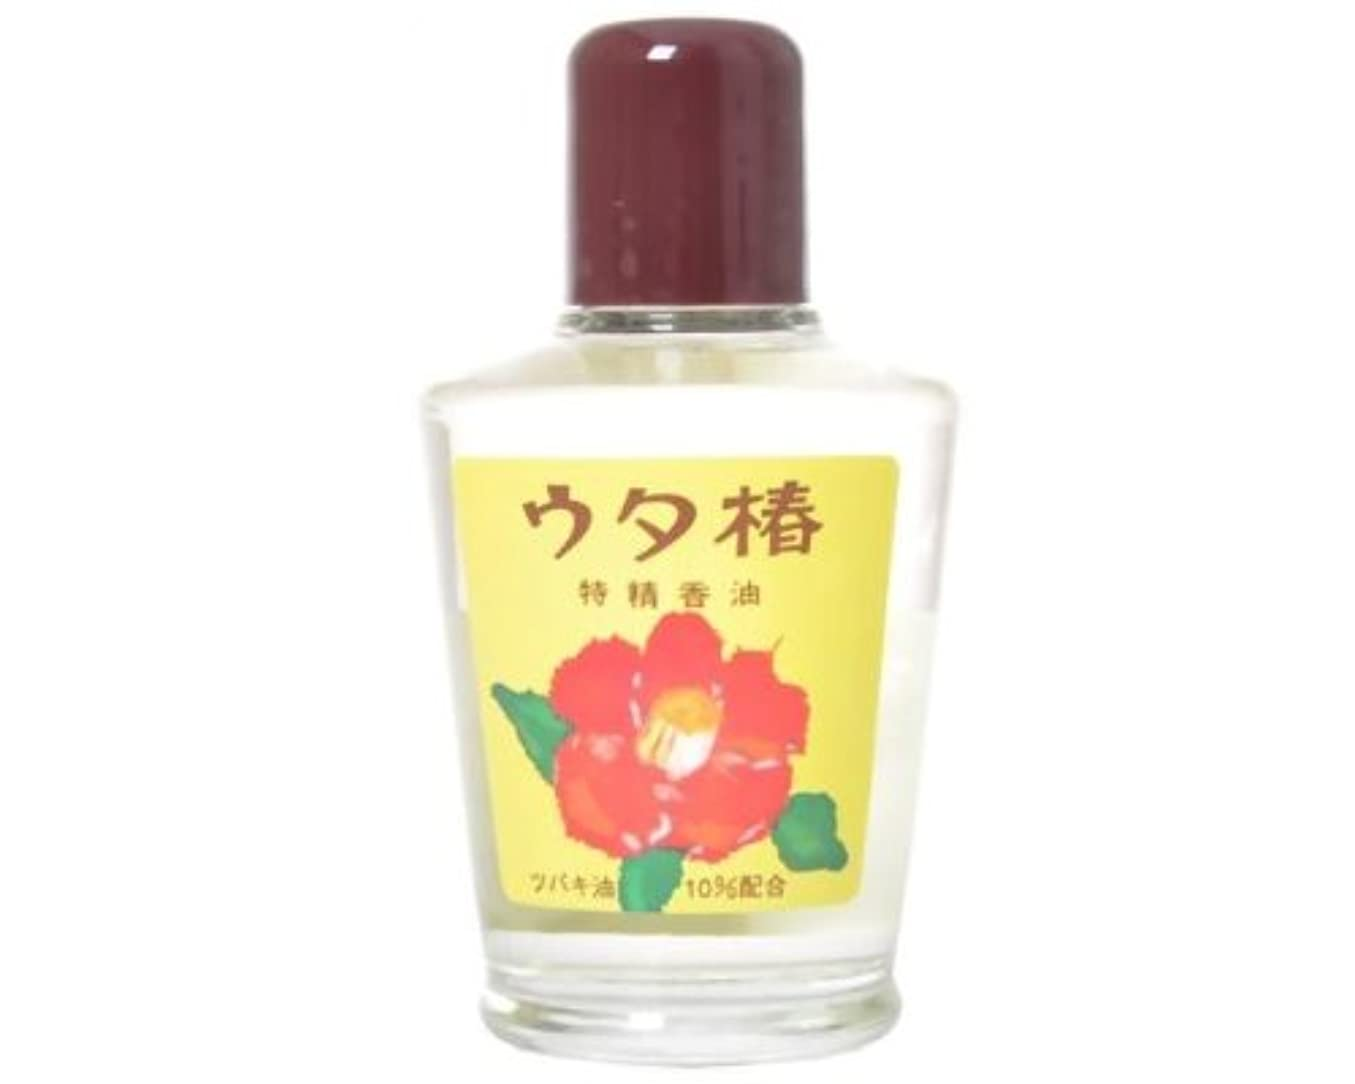 ウタ椿 香油 (白) 95mL